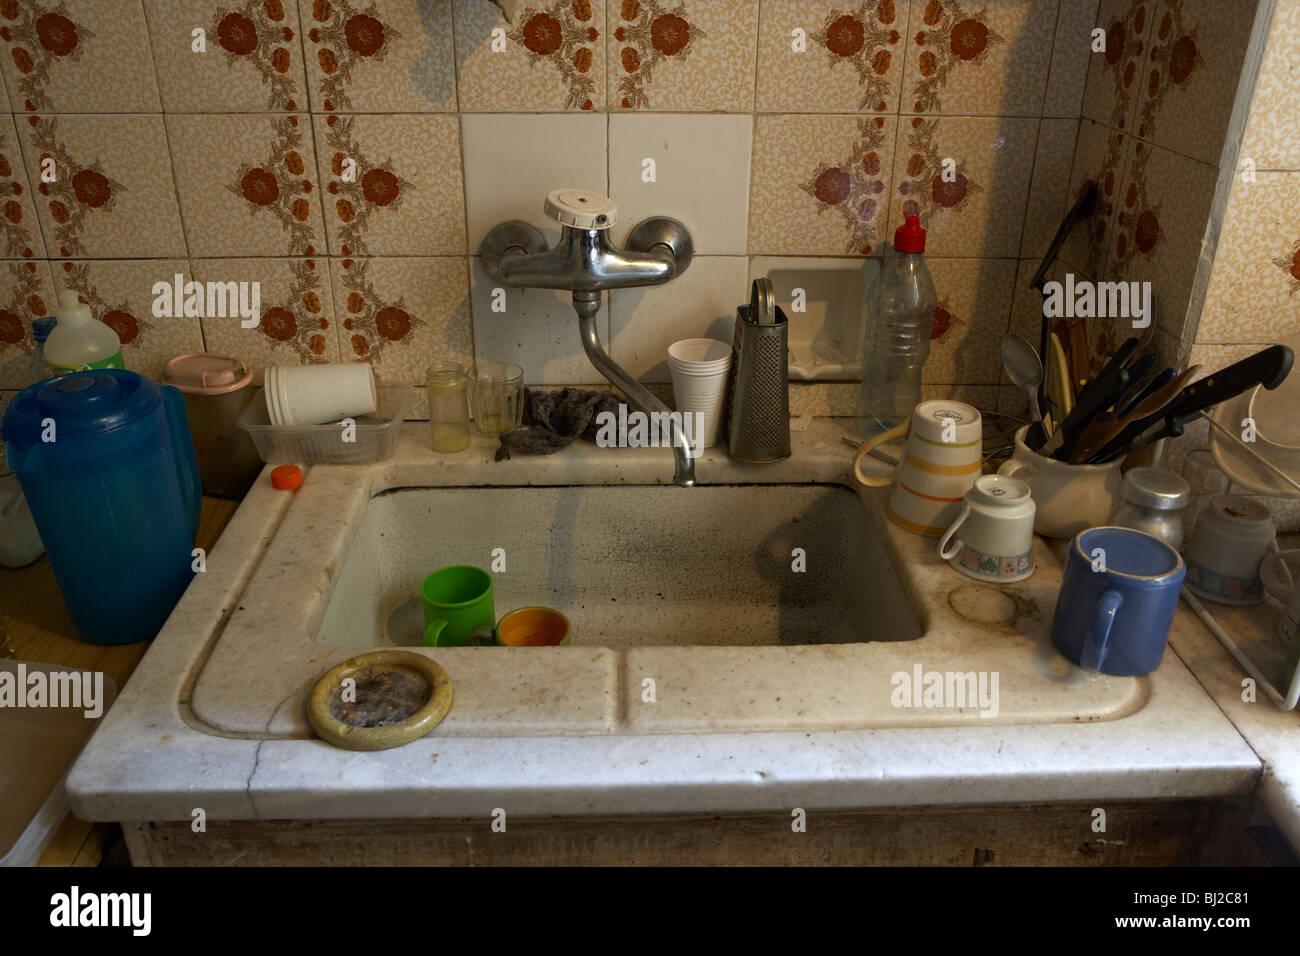 Kitchen Sink Fotos Kitchen Sink Imagens De Stock Alamy